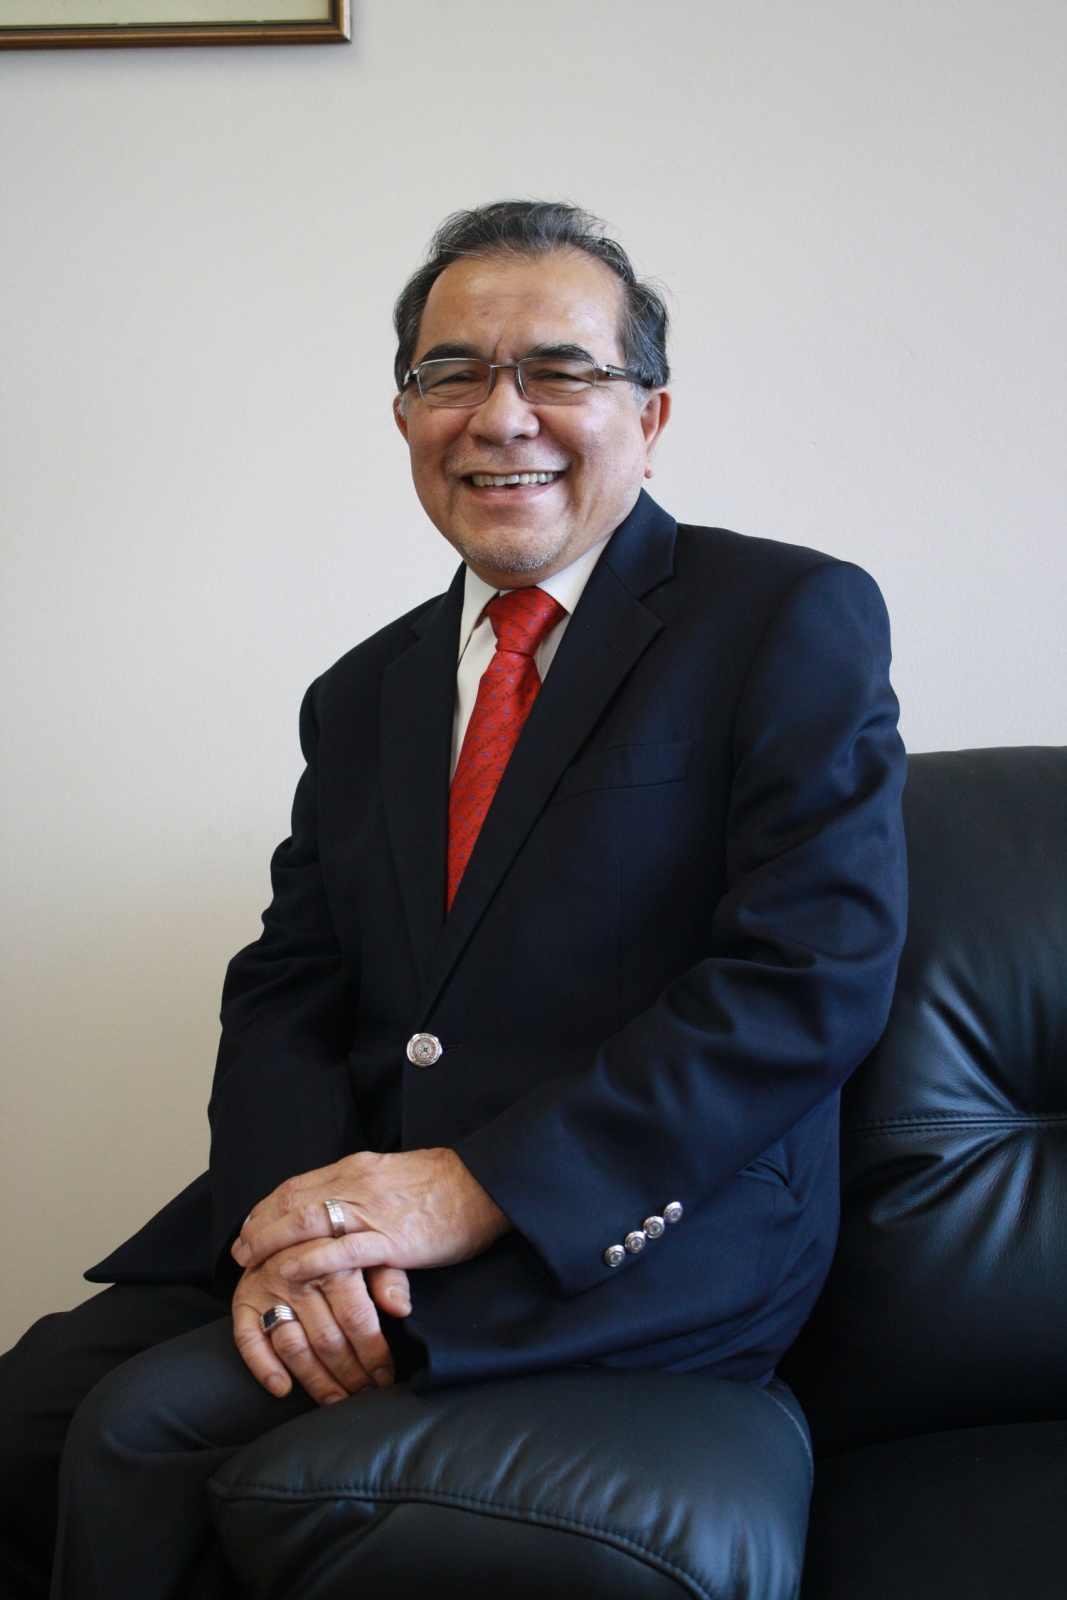 Nilai U Vice-Chancellor Datuk Megat_0